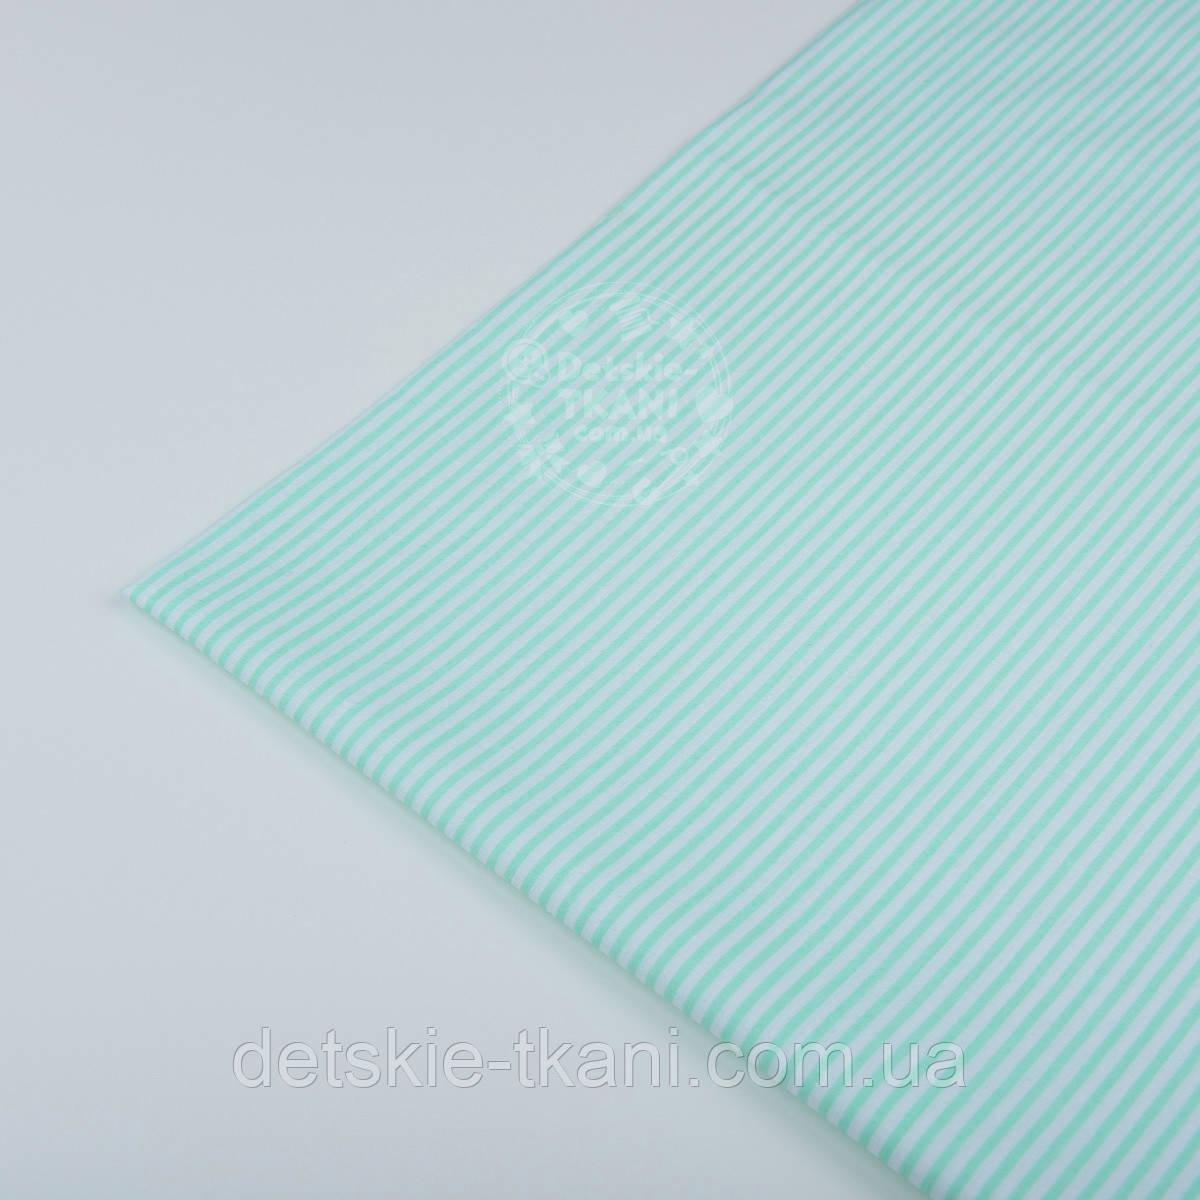 """Лоскут ткани №480с """"Super agat"""" с мелкой полоской мятного цвета"""